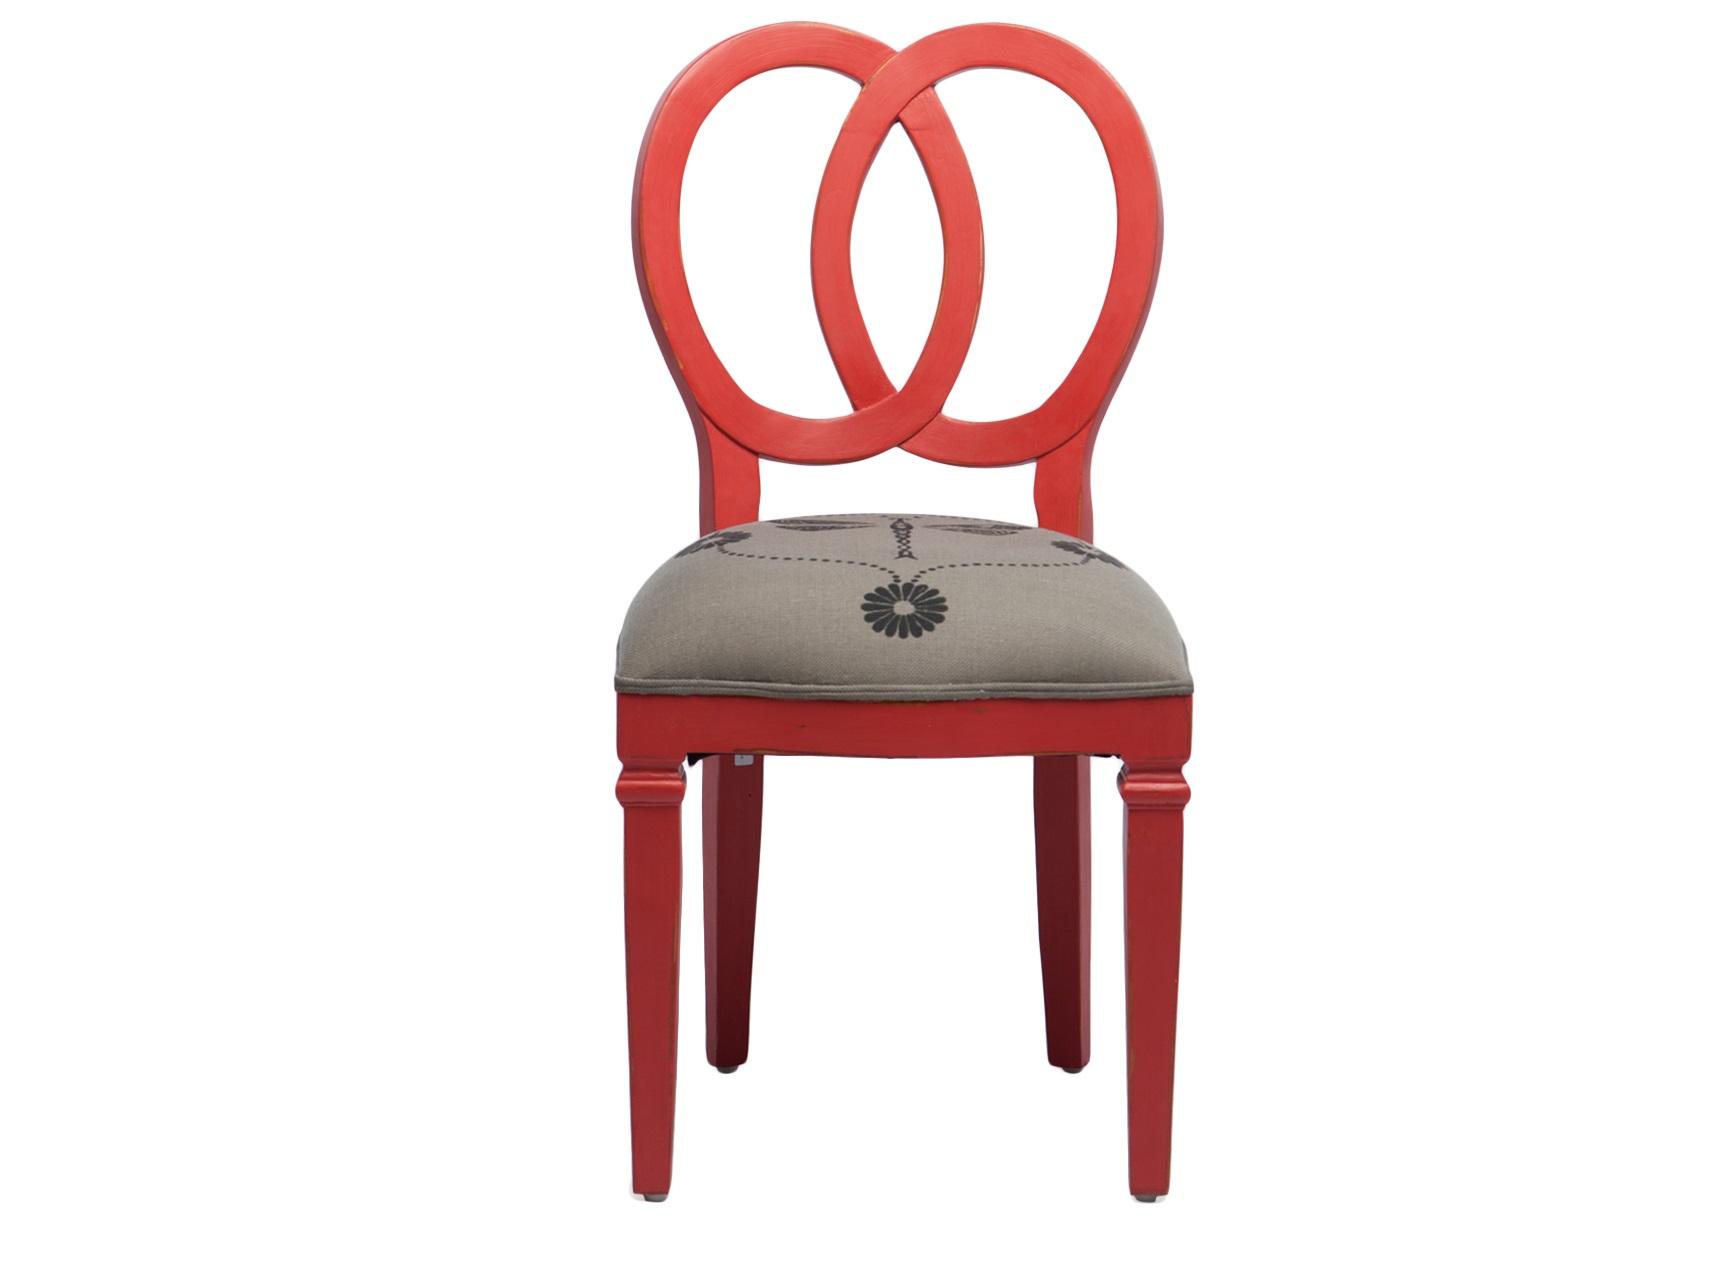 СтулОбеденные стулья<br>Дизайнерский стул из дерева махагони, обивка с принтом. Оригинальная спинка в форме двух колец.<br><br>Material: Красное дерево<br>Width см: 48<br>Depth см: 54<br>Height см: 95